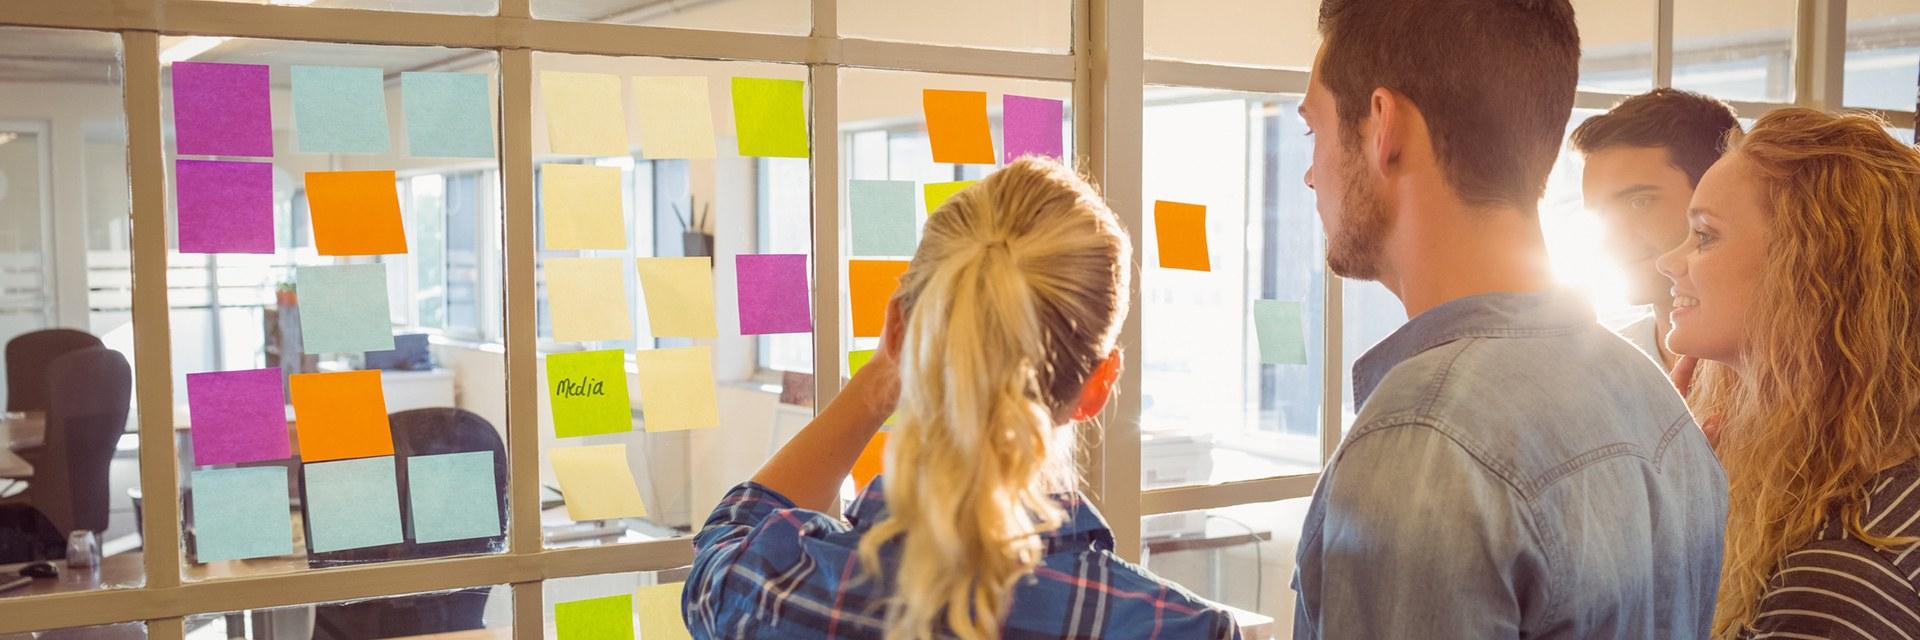 agile Grundkenntnisse. Ein Tagestraining zum erlernen agiler Methoden anhand von Beispielen und Erfahrungen.